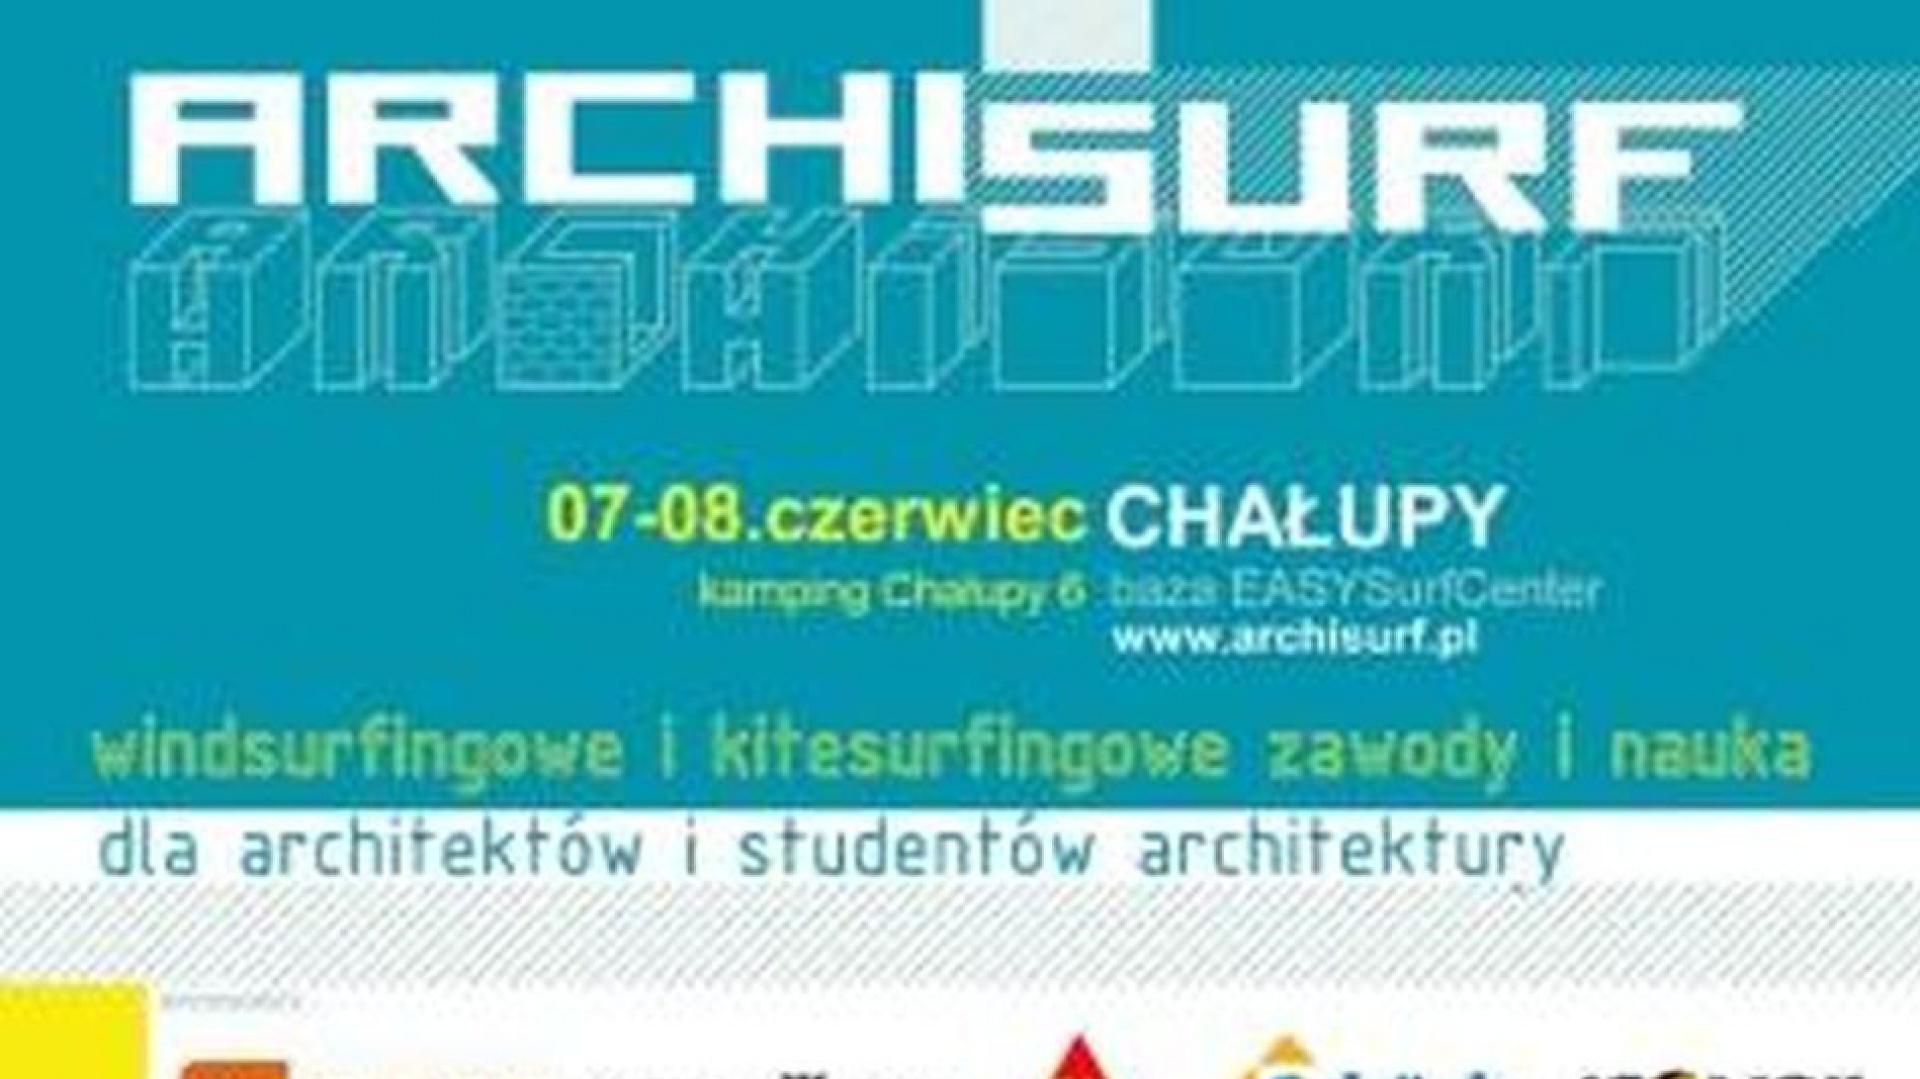 plakat_zawody_dla_architektow_2014.jpg